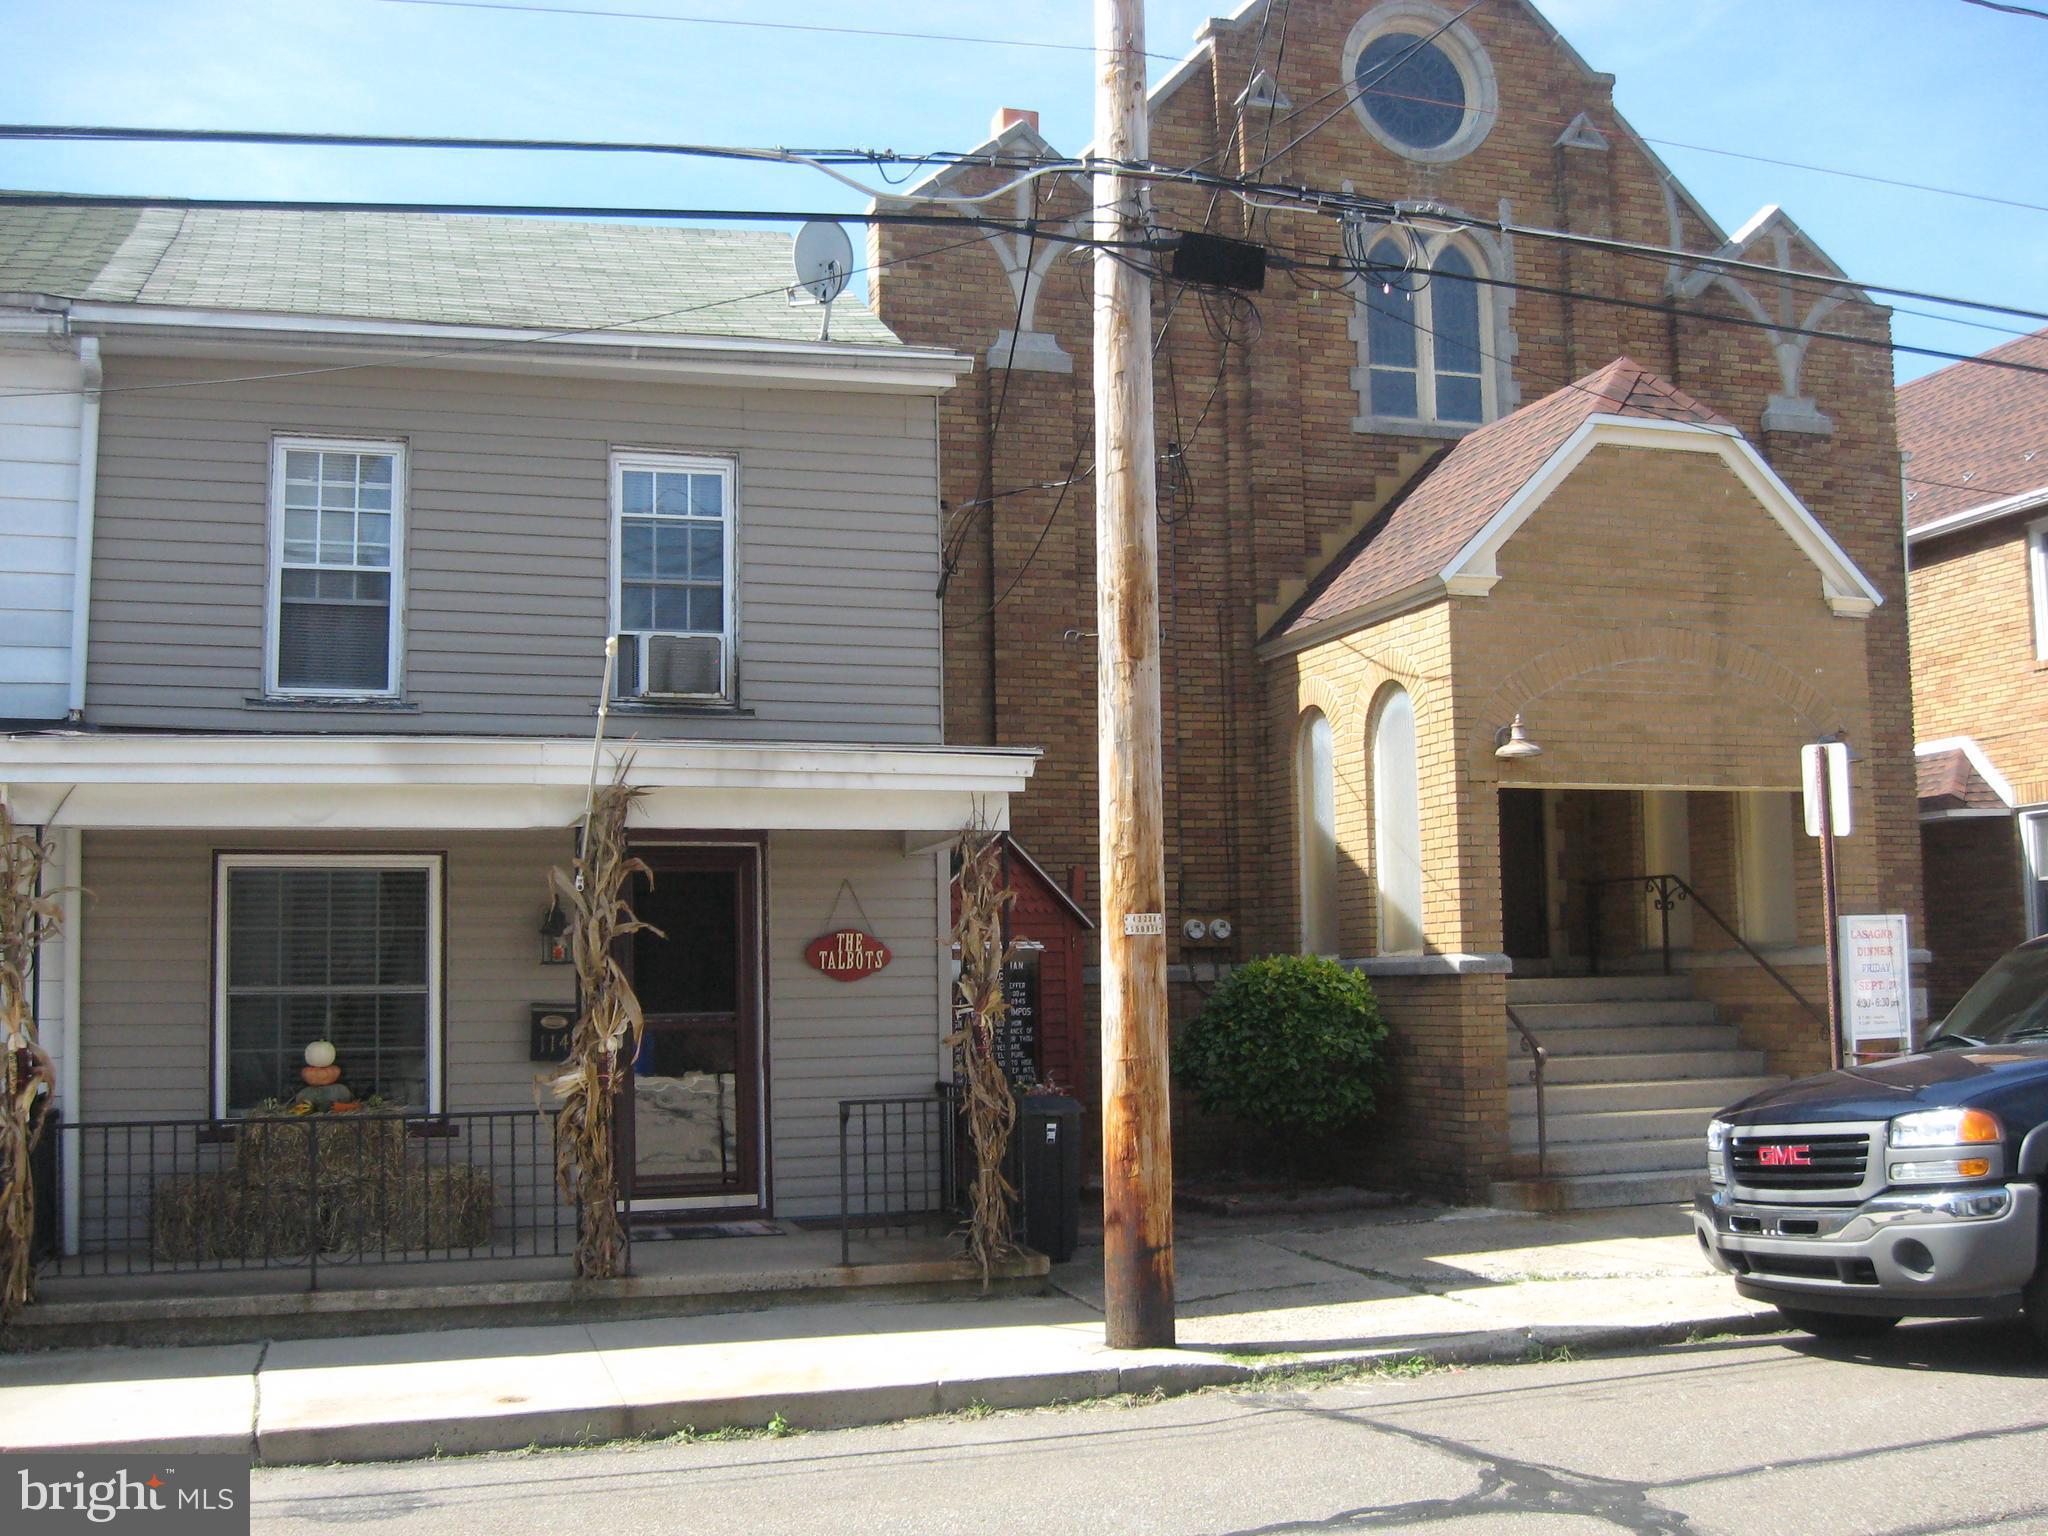 114 N MILL STREET, SAINT CLAIR, PA 17970